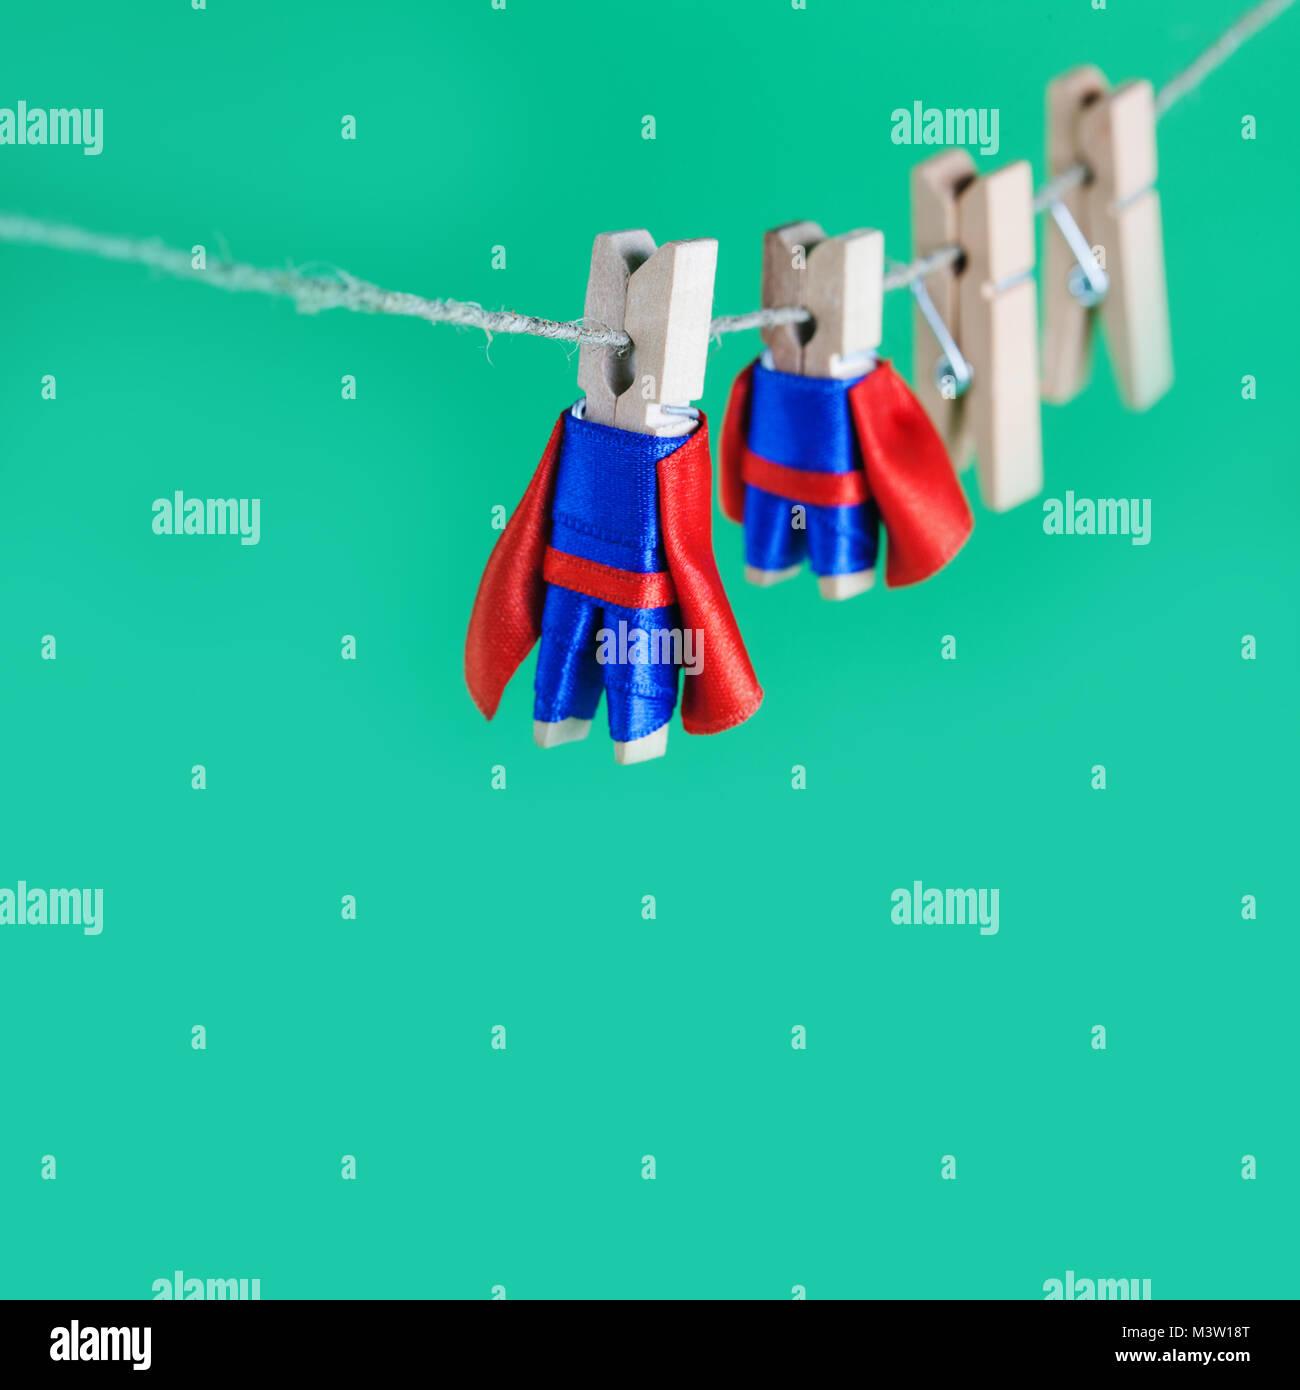 Mutigen Superhelden Wäscheklammern aus Holz. Teamleiter Zeichen in blauen Anzug roten Cape. grüner Hintergrund, Stockbild